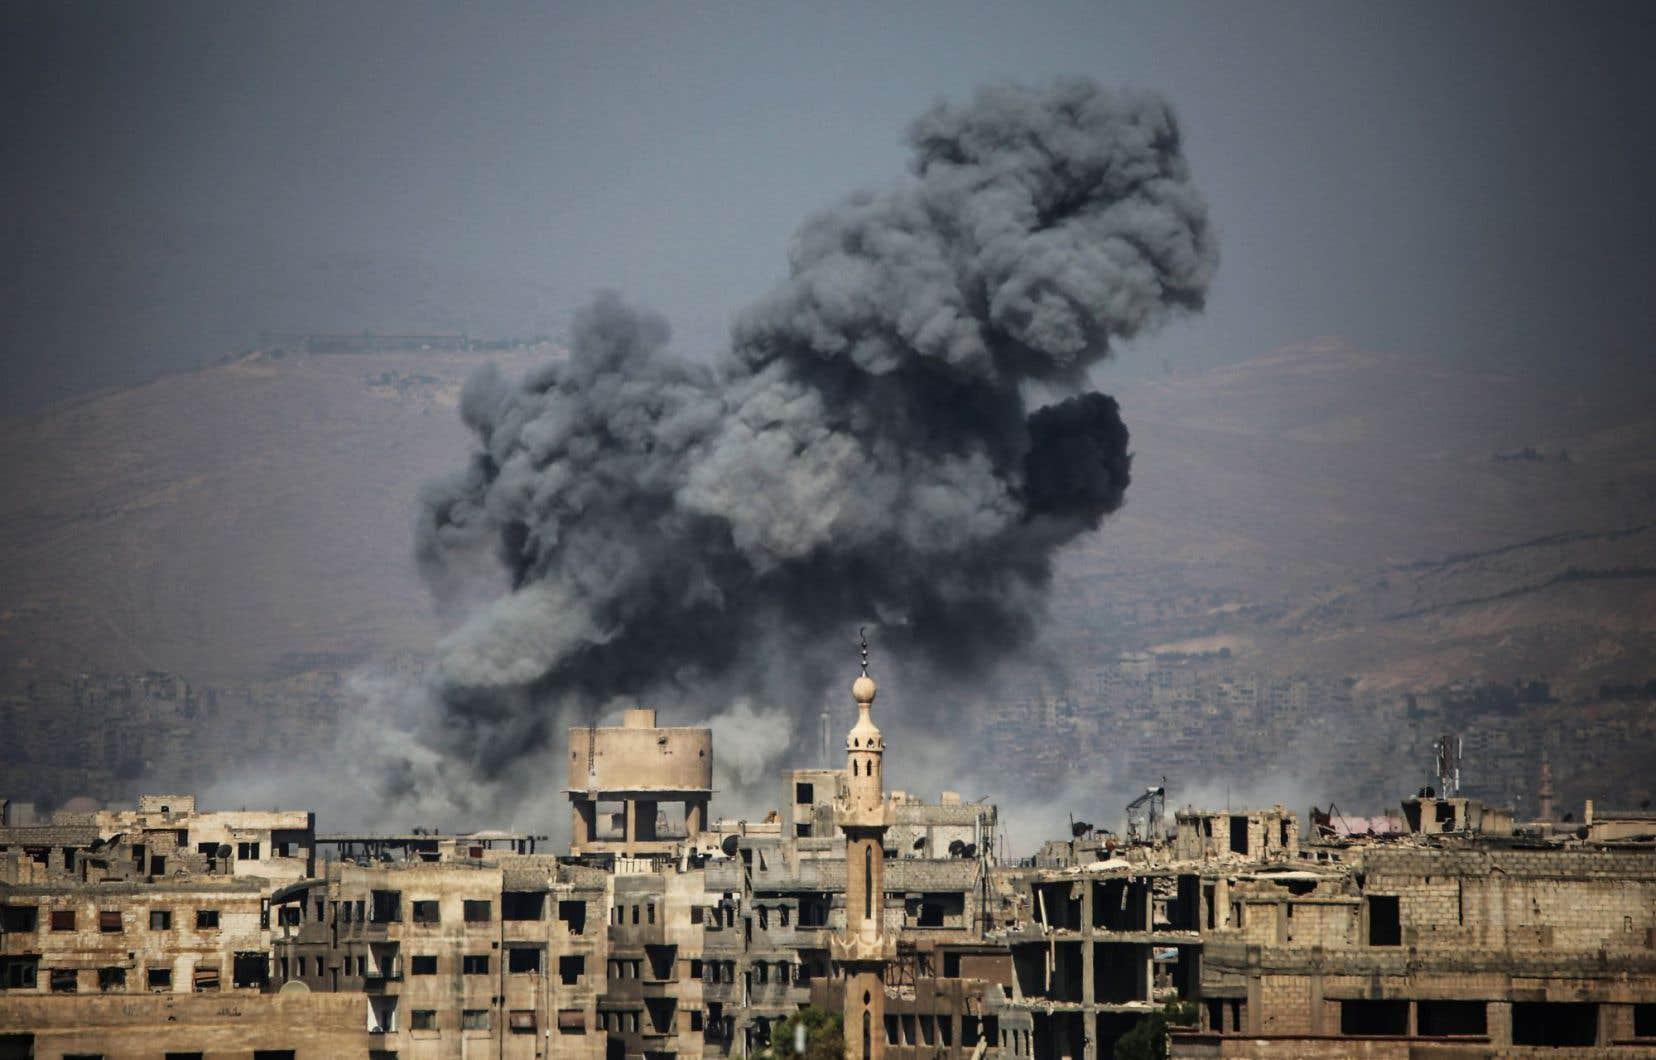 Une attaque aérienne sur la ville rebelle d'Ayn Tarma, vendredi, dans la région de Ghouta, dans l'est de la Syrie.